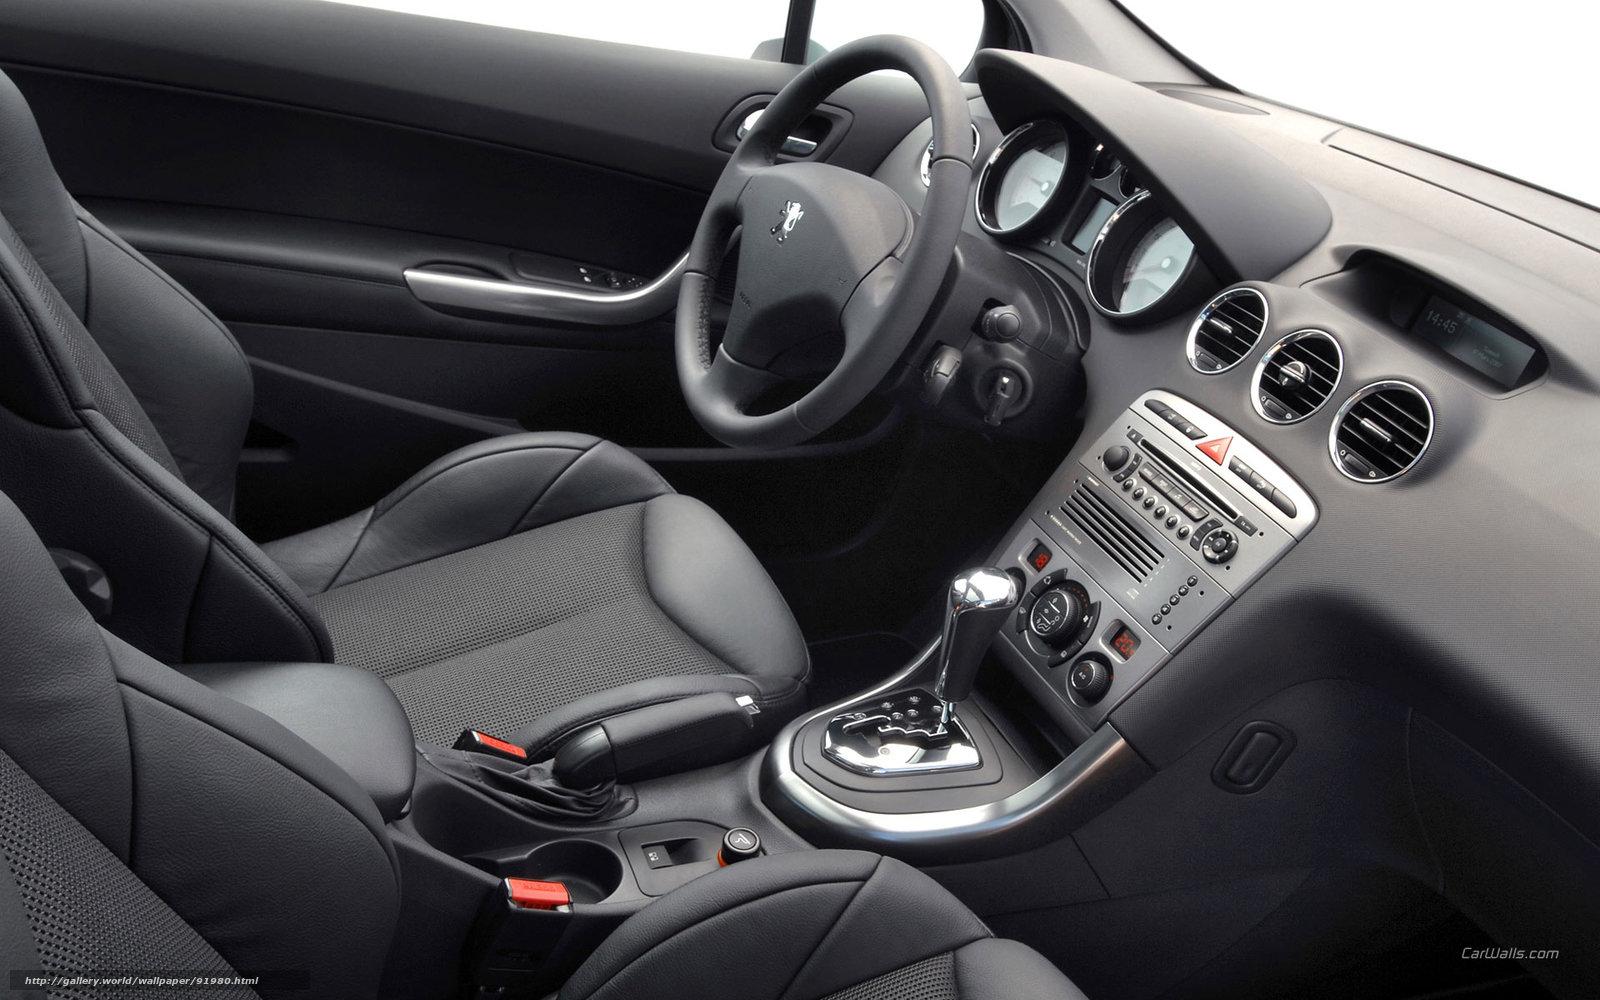 Tlcharger fond d 39 ecran peugeot 308 voiture machinerie for Photo ecran 308